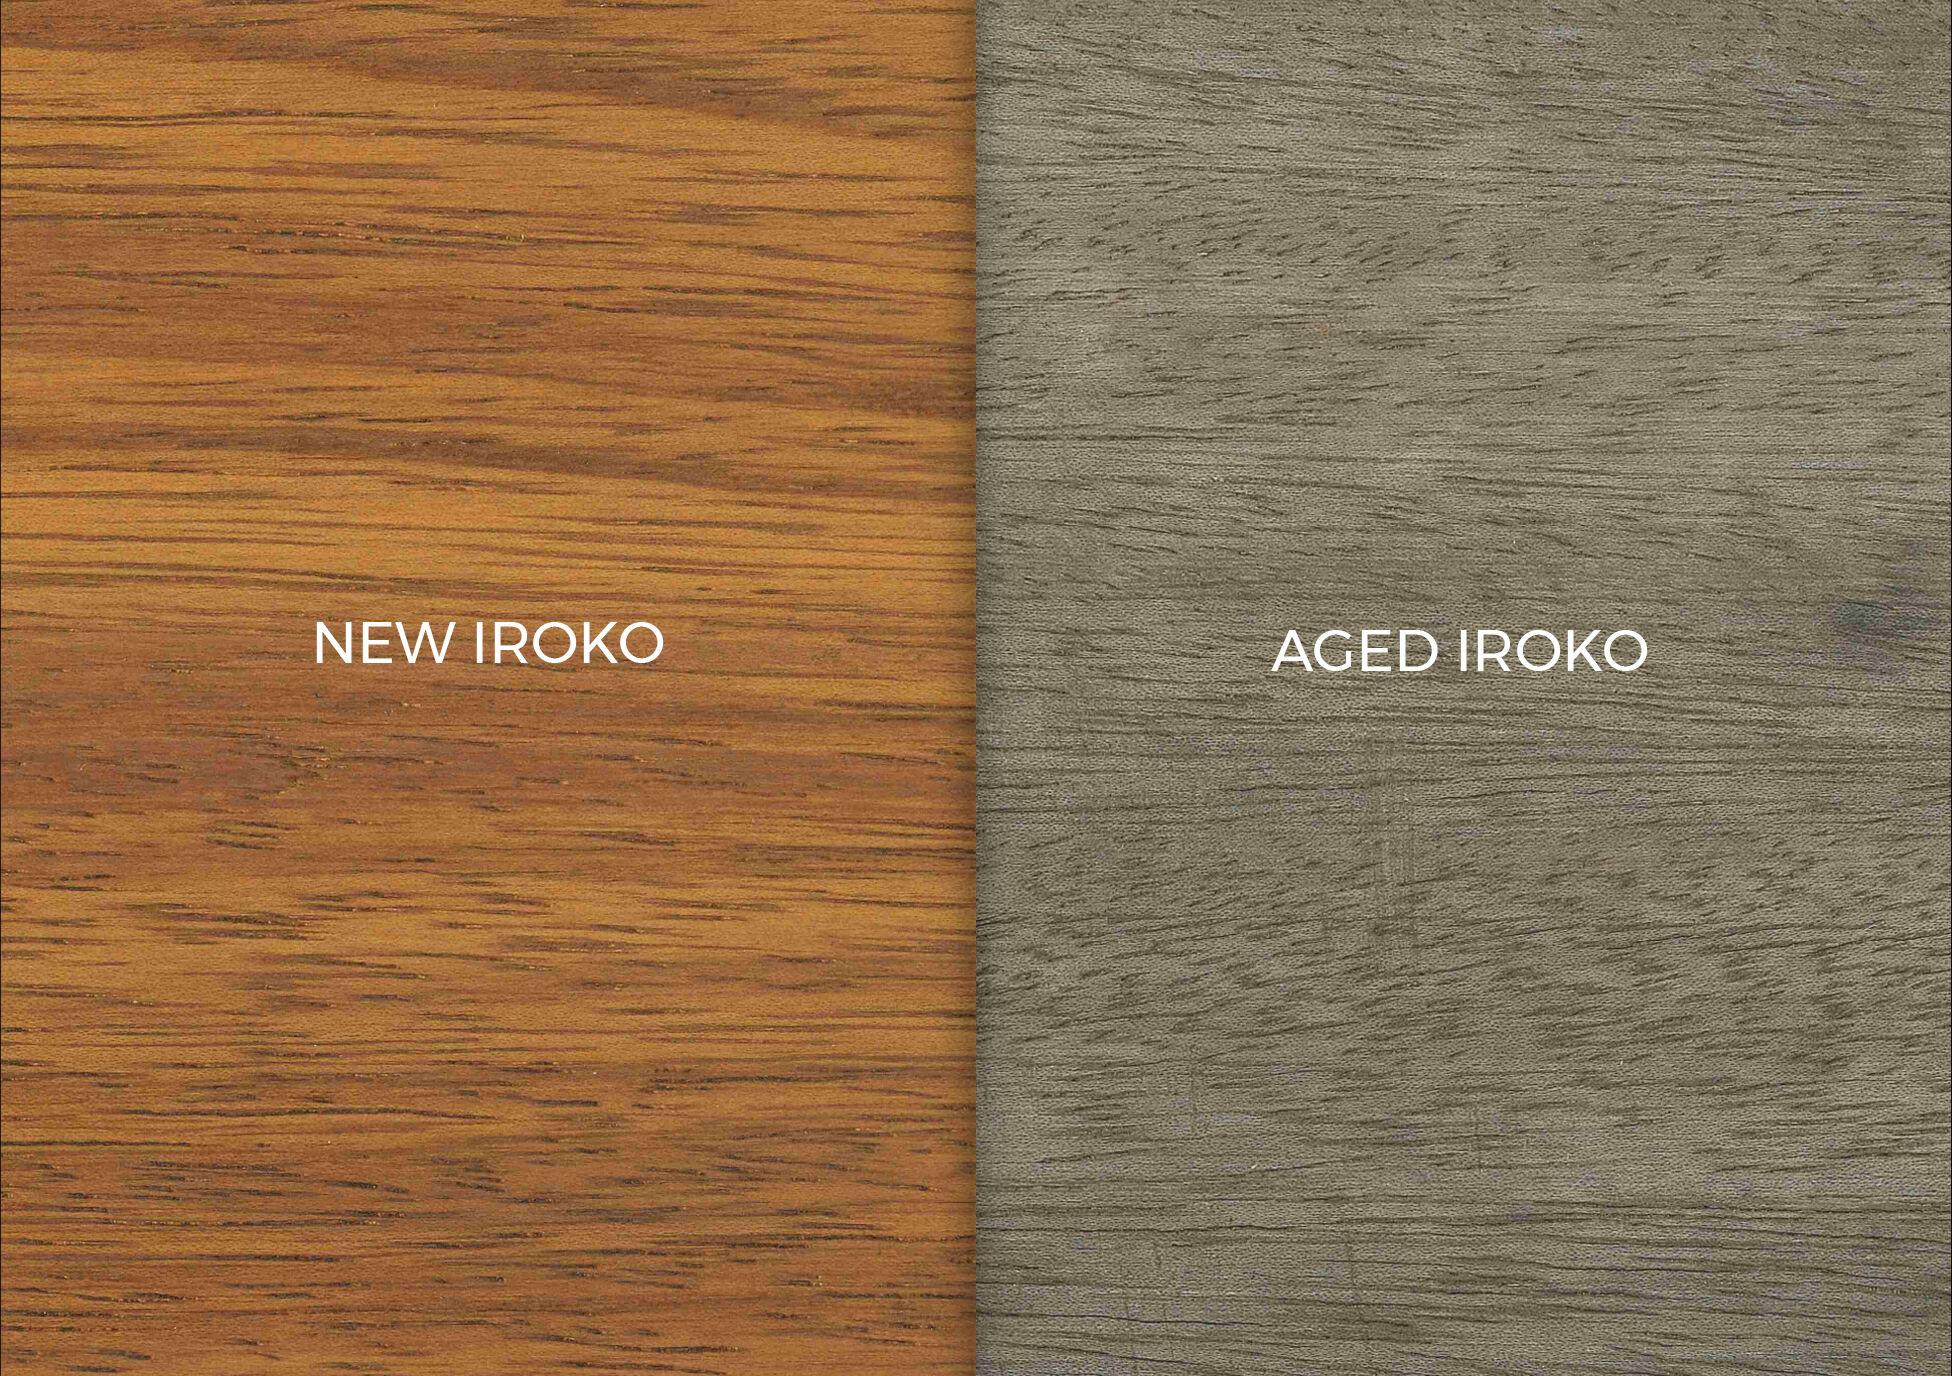 Iroko Comparison